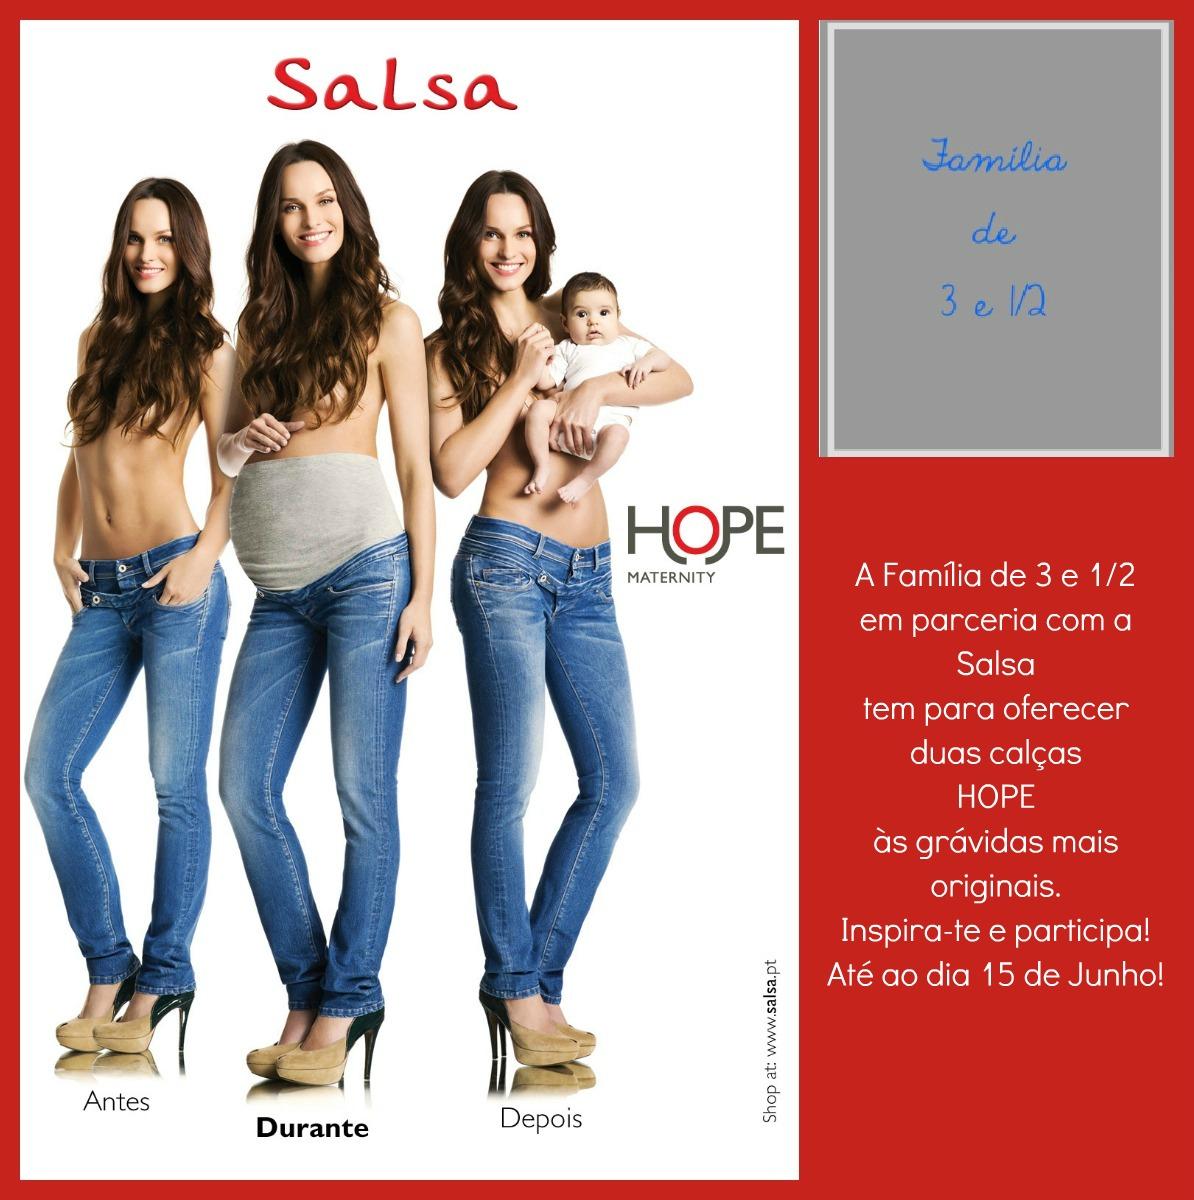 52e5b57d714f2 E para que as leitoras possam viver em pleno a sua gravidez e sentir o  conforto de umas HOPE, a Salsa tem para oferecer 2 jeans Hope.